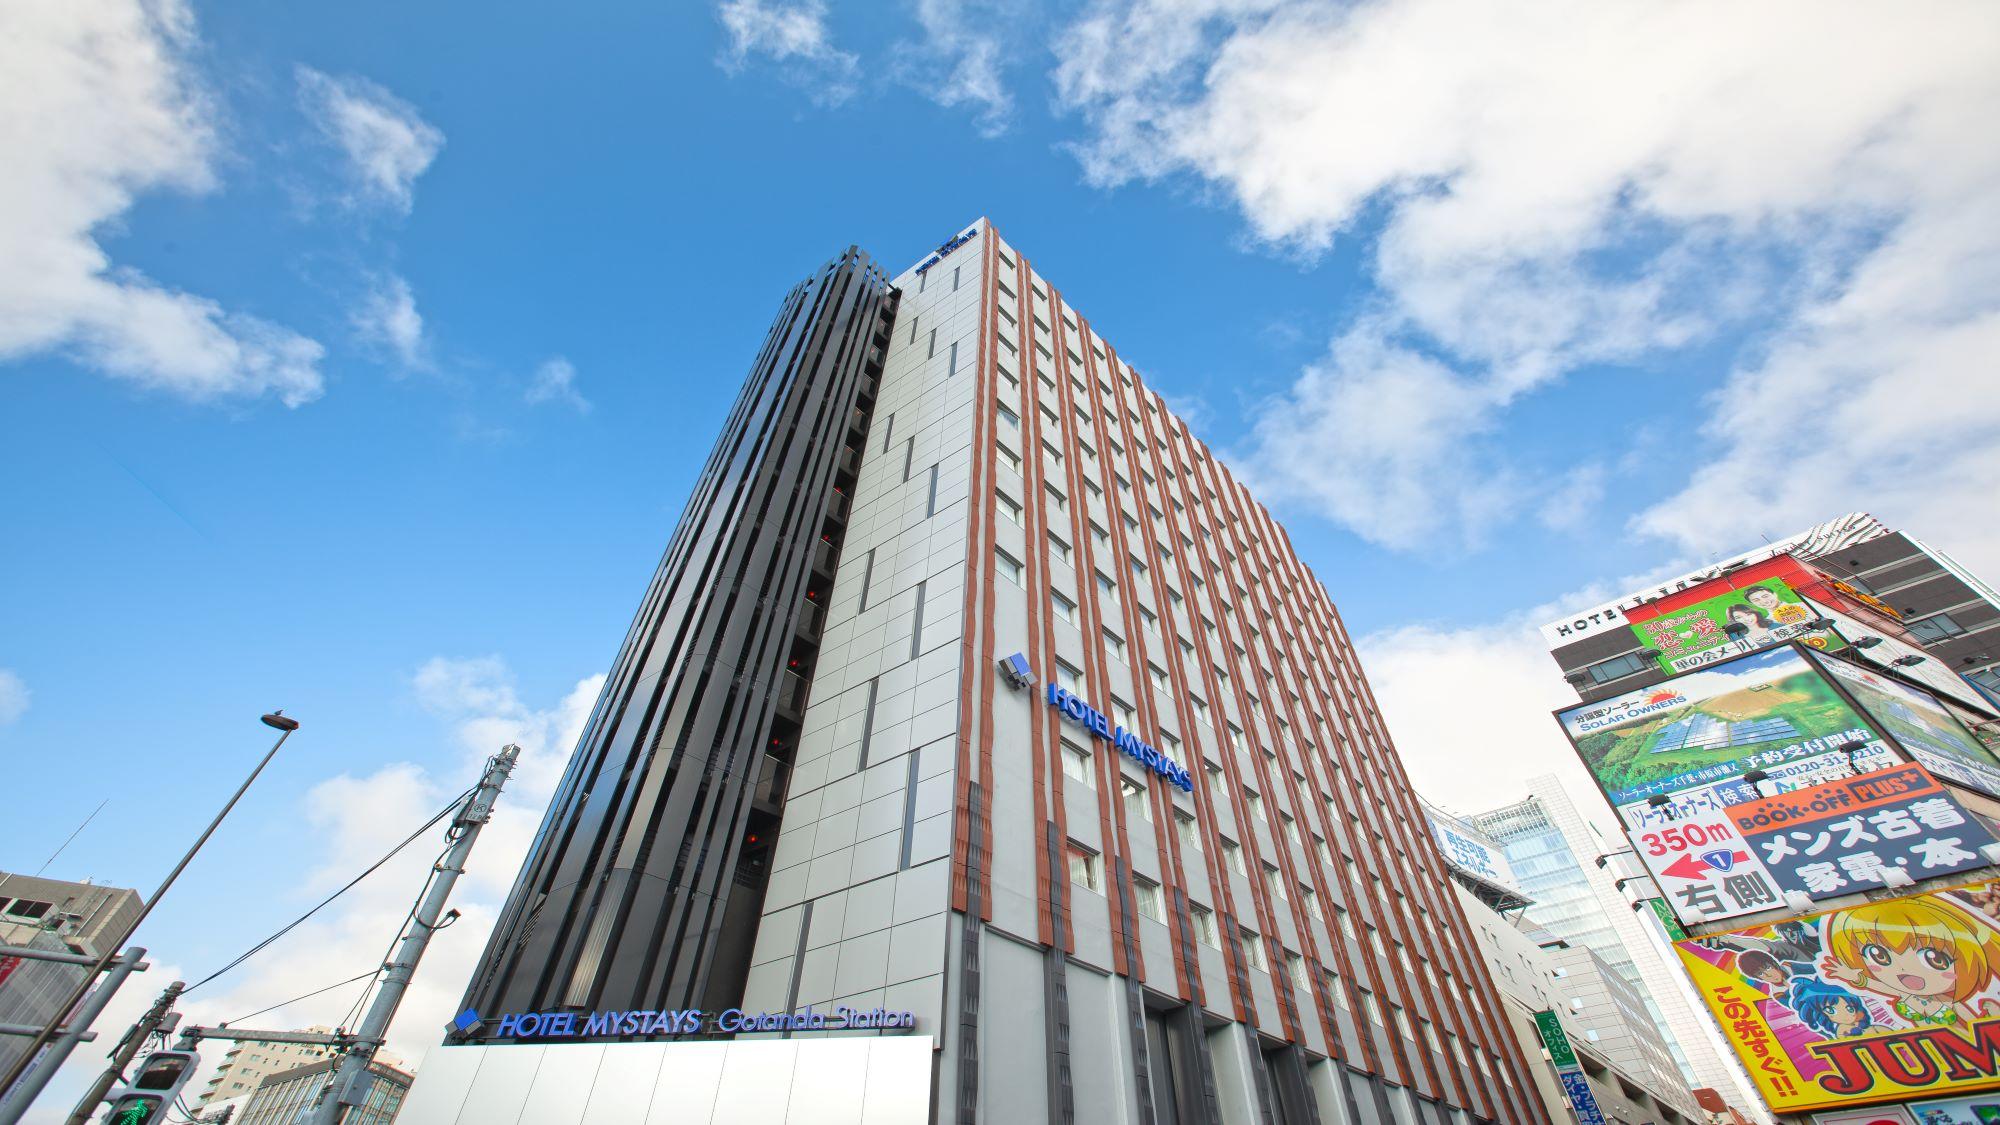 ホテルマイステイズ五反田駅前の詳細